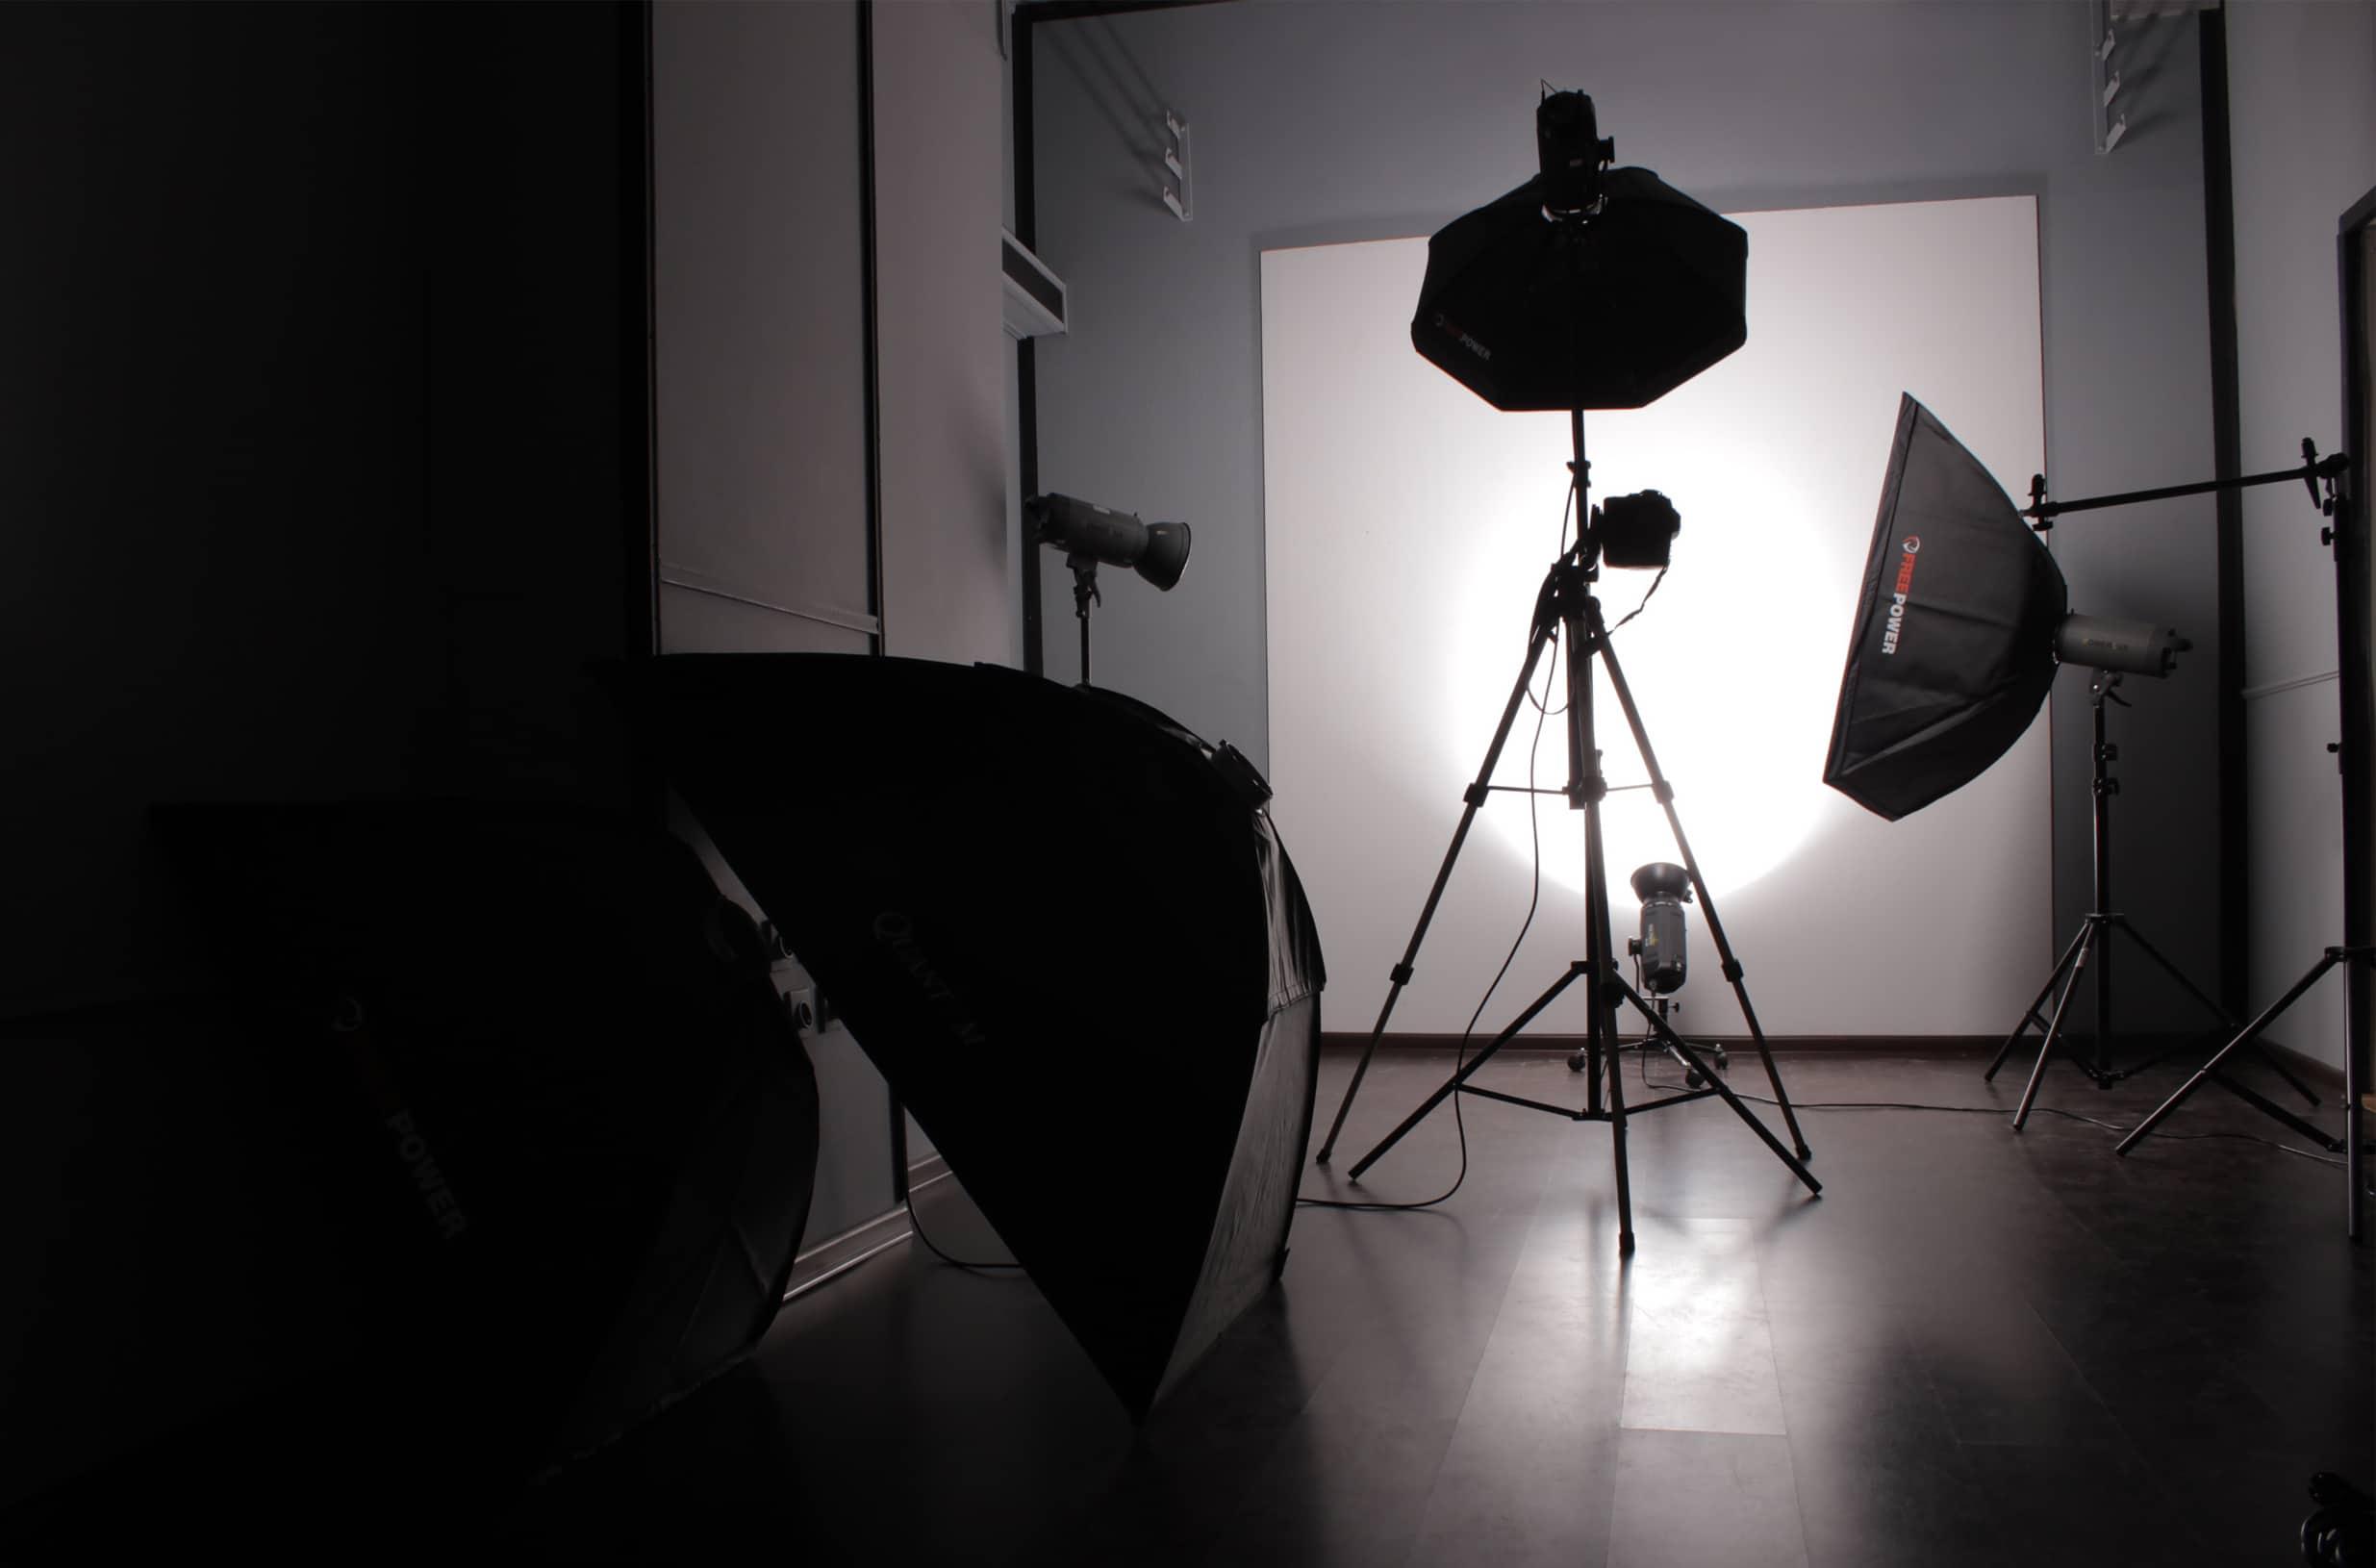 Studio fotograficzne do wynajęcia w Bydgoszczy.